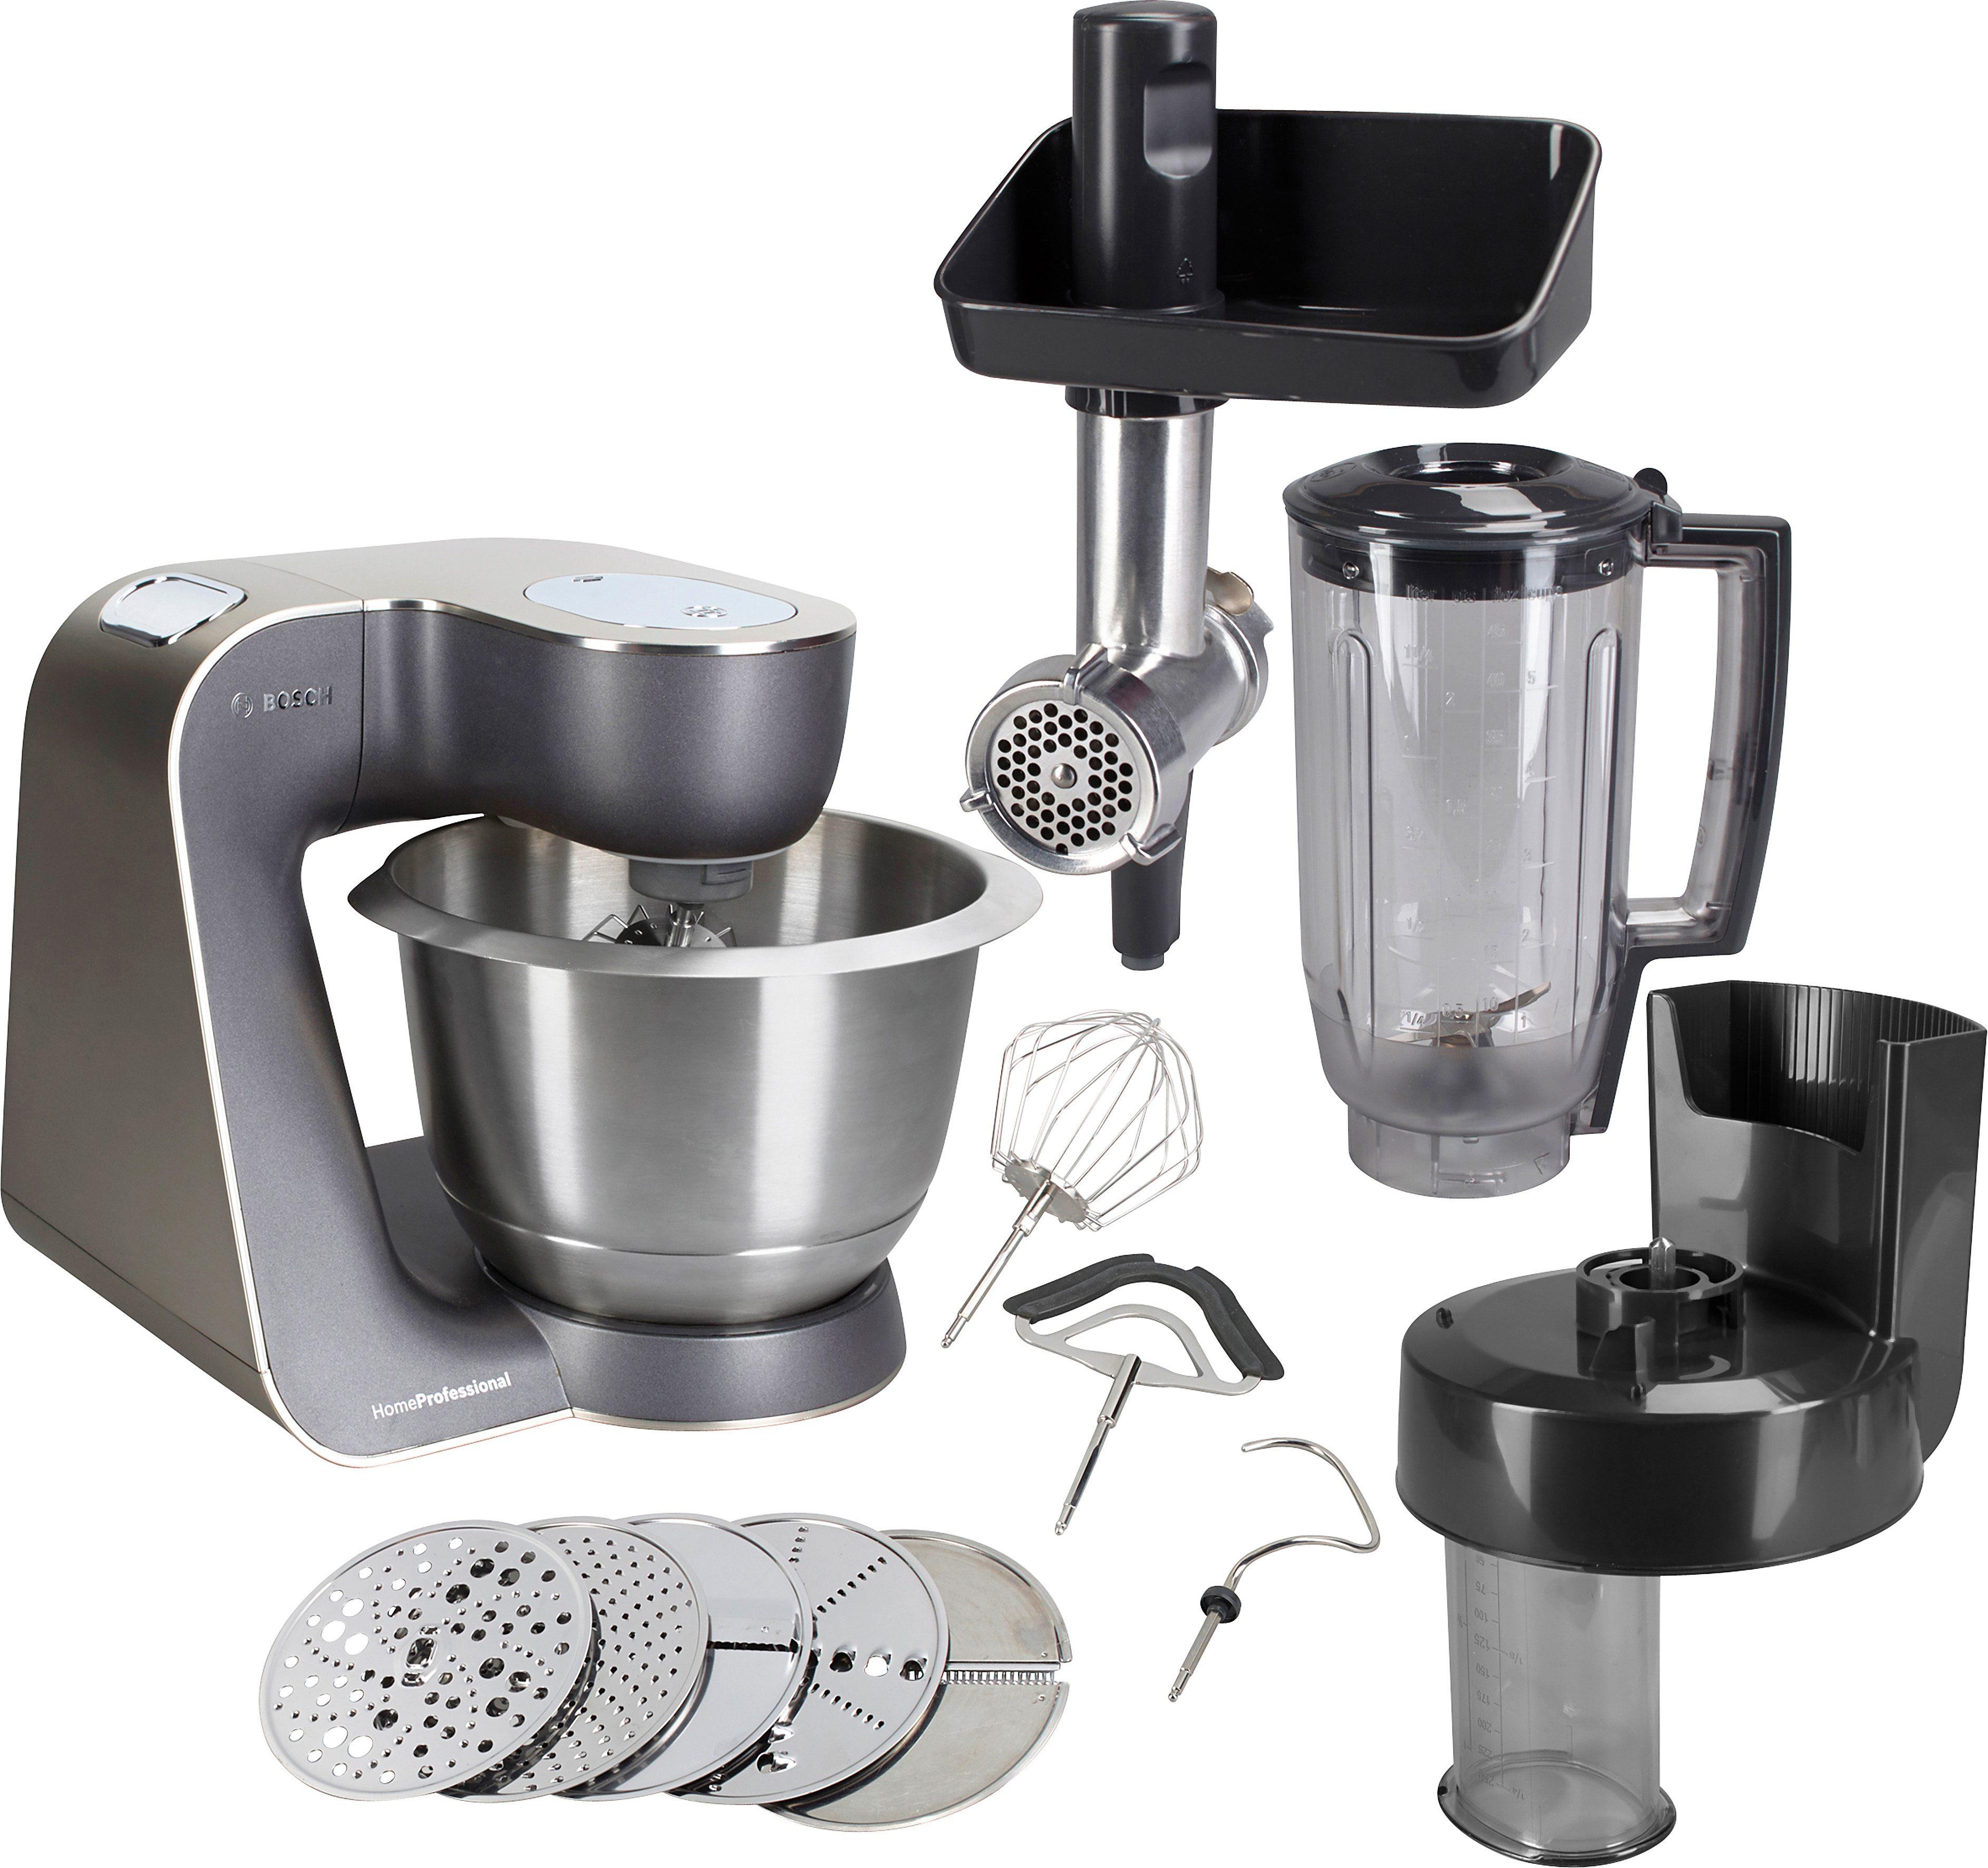 Bosch Küchenmaschine Zubehör | Bosch Mum50e32de Küchenmaschine ...